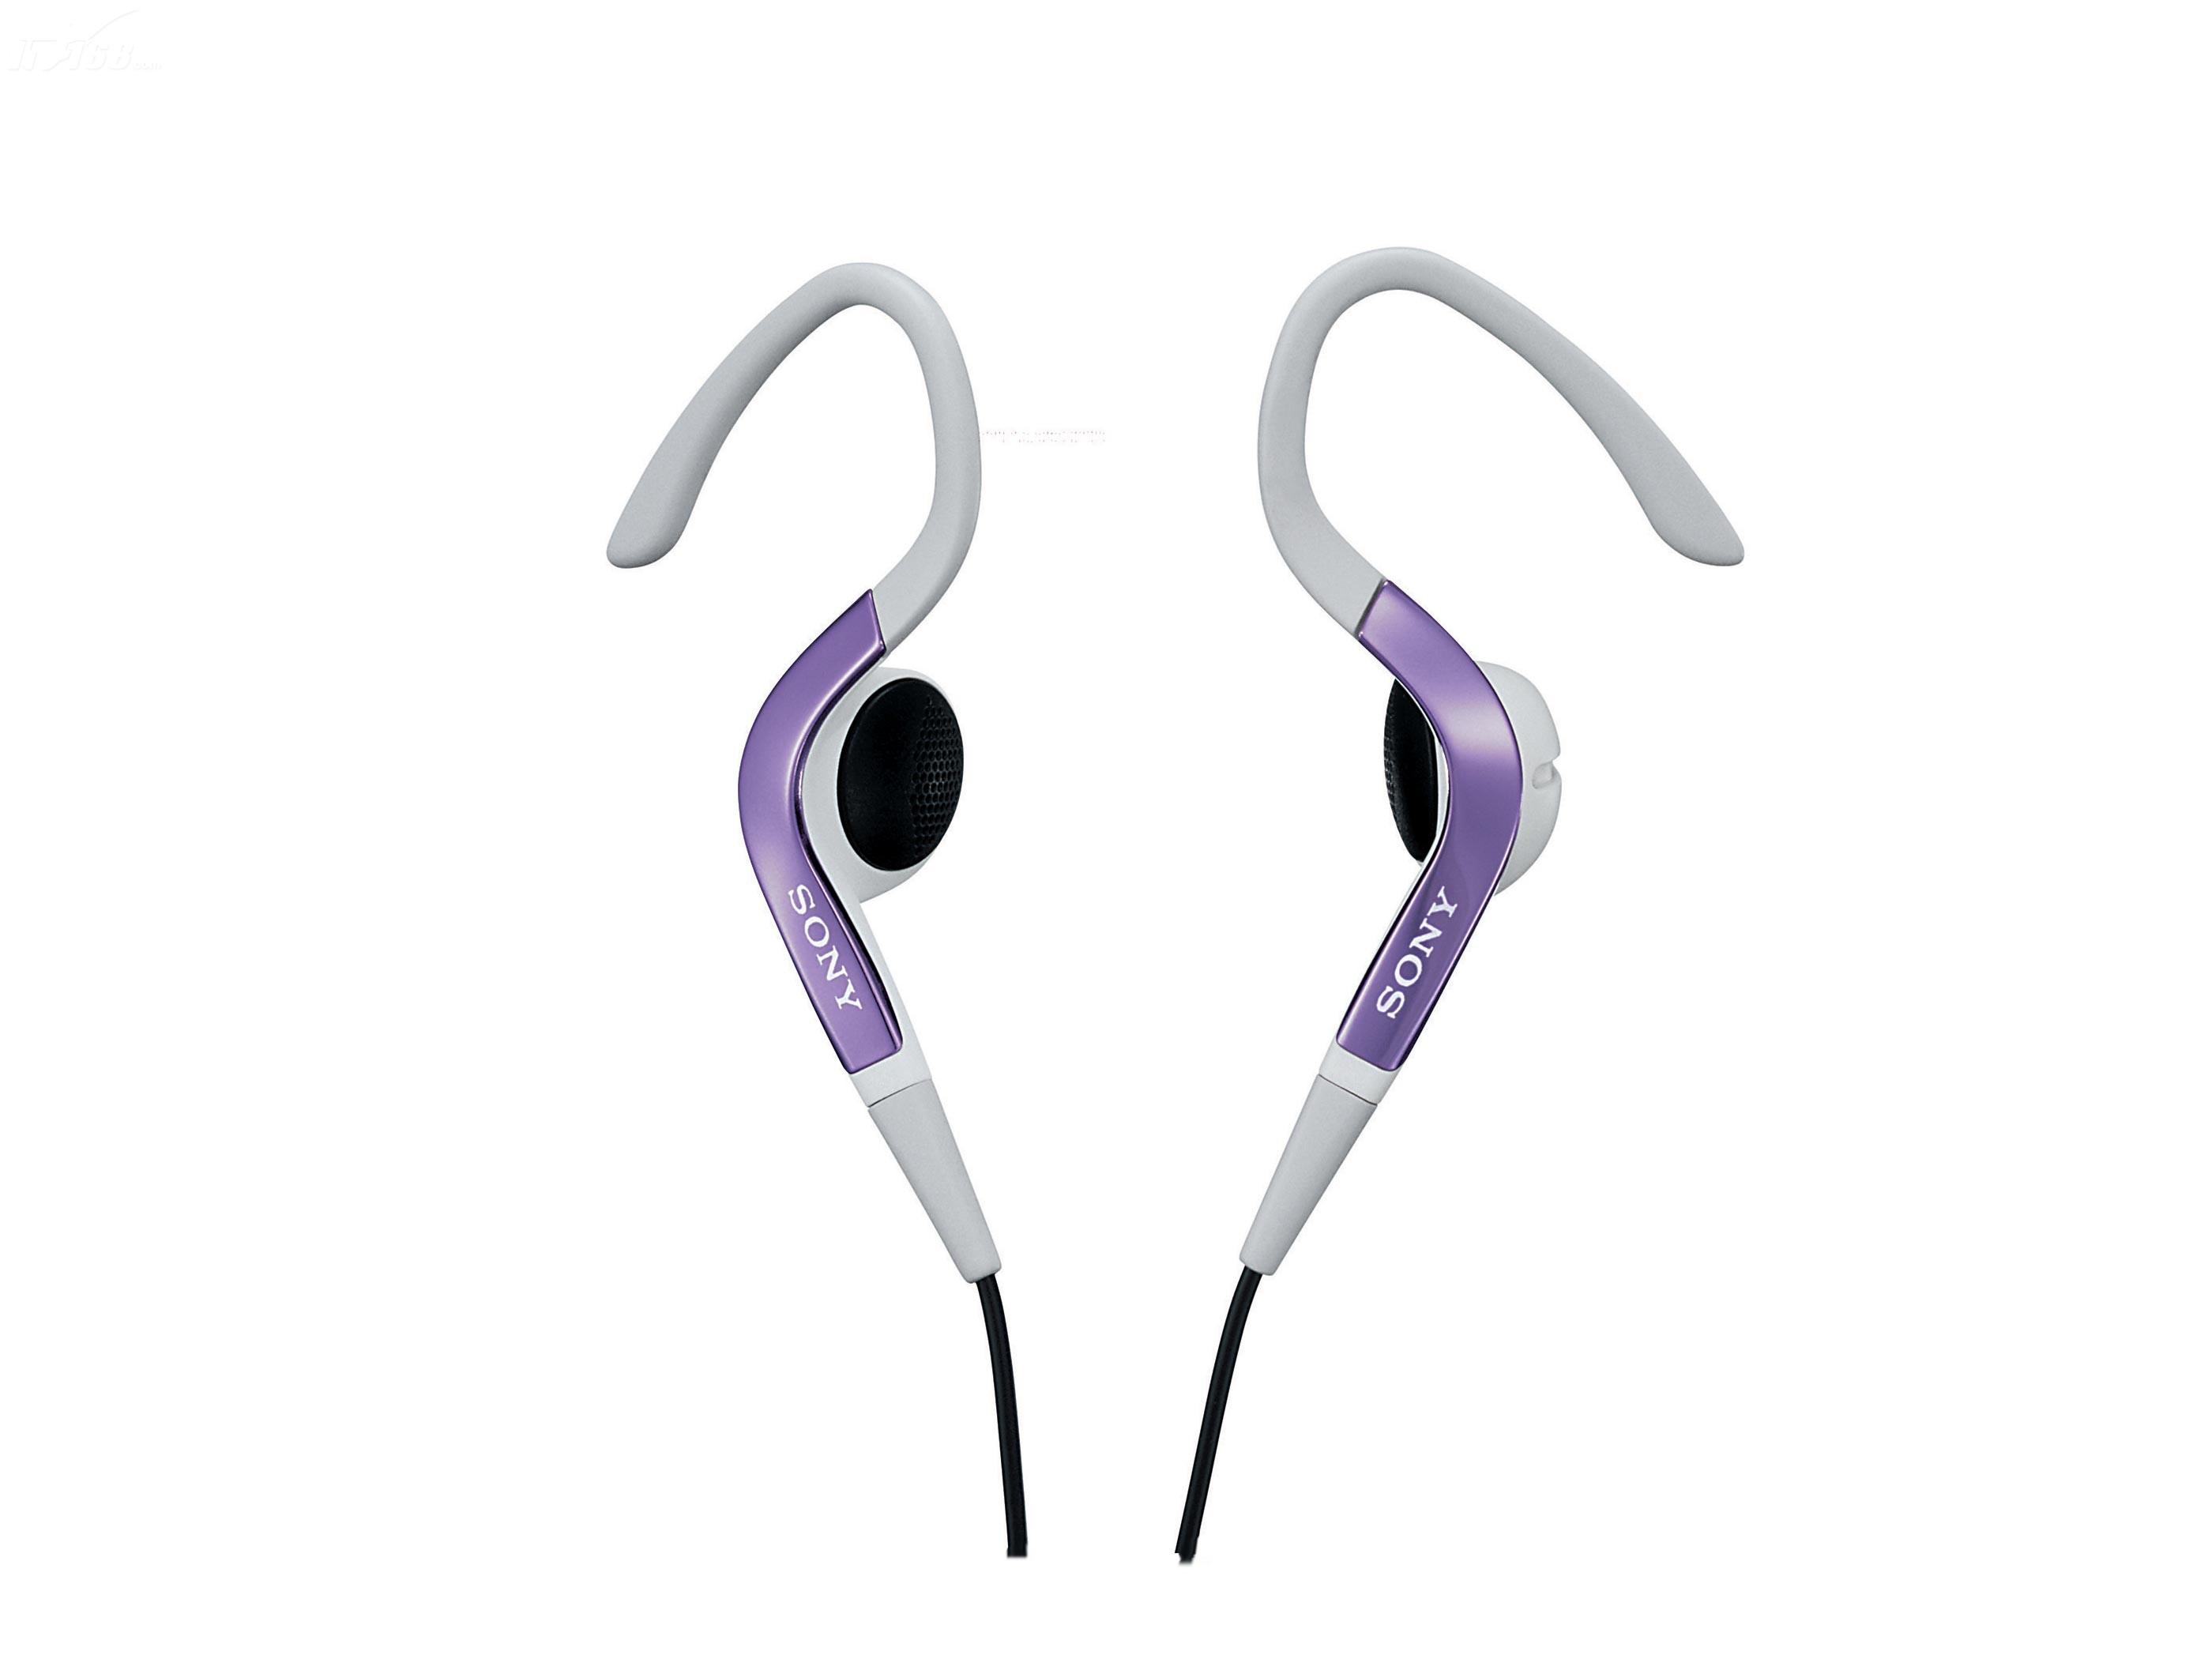 索尼mdr-j20sp耳机产品图片5素材-it168耳机图片大全